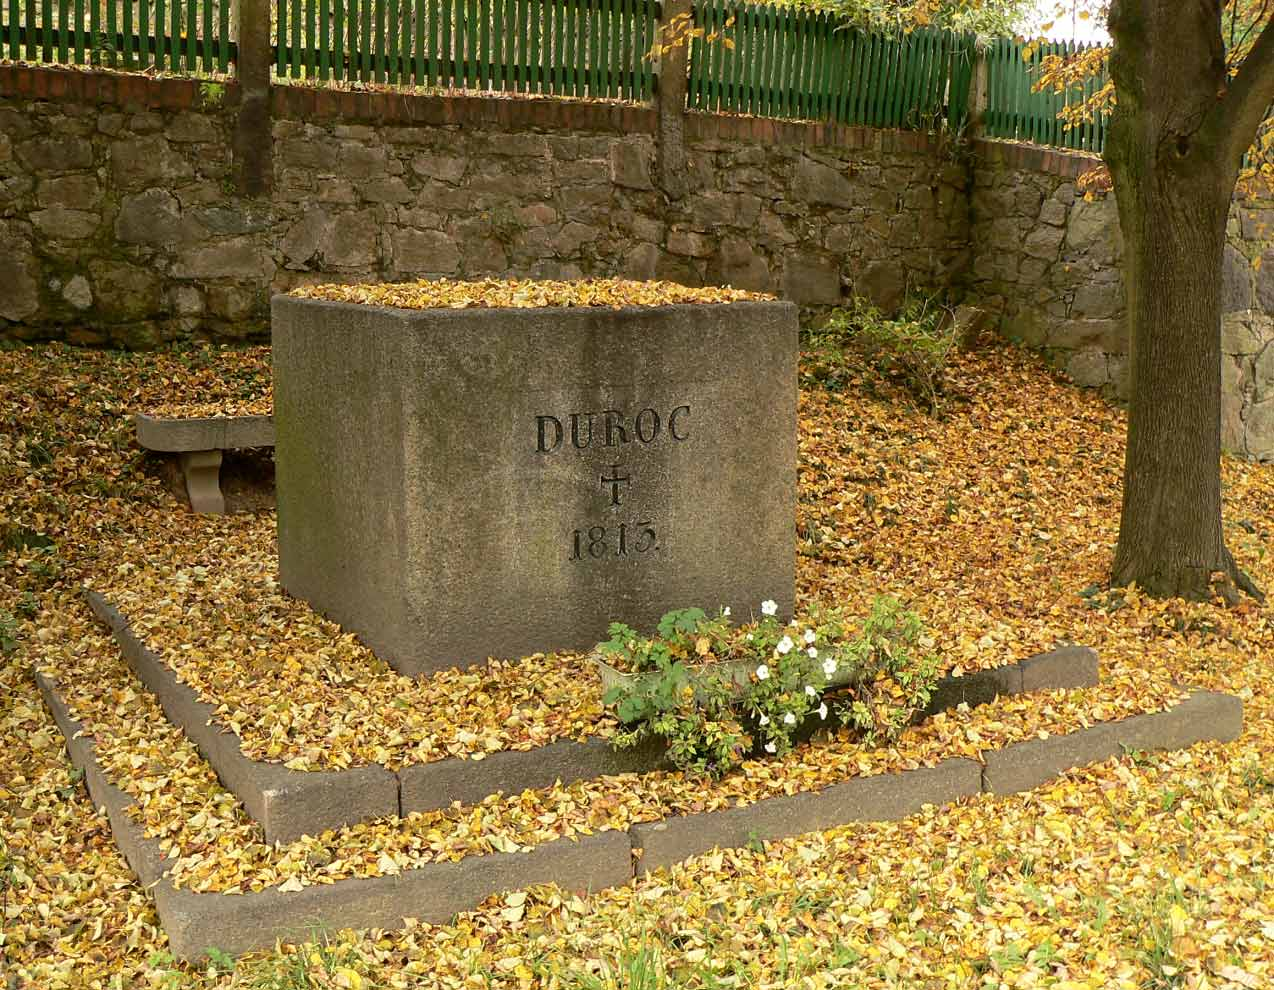 Marschall Duroc Denkmal in Markersdorf